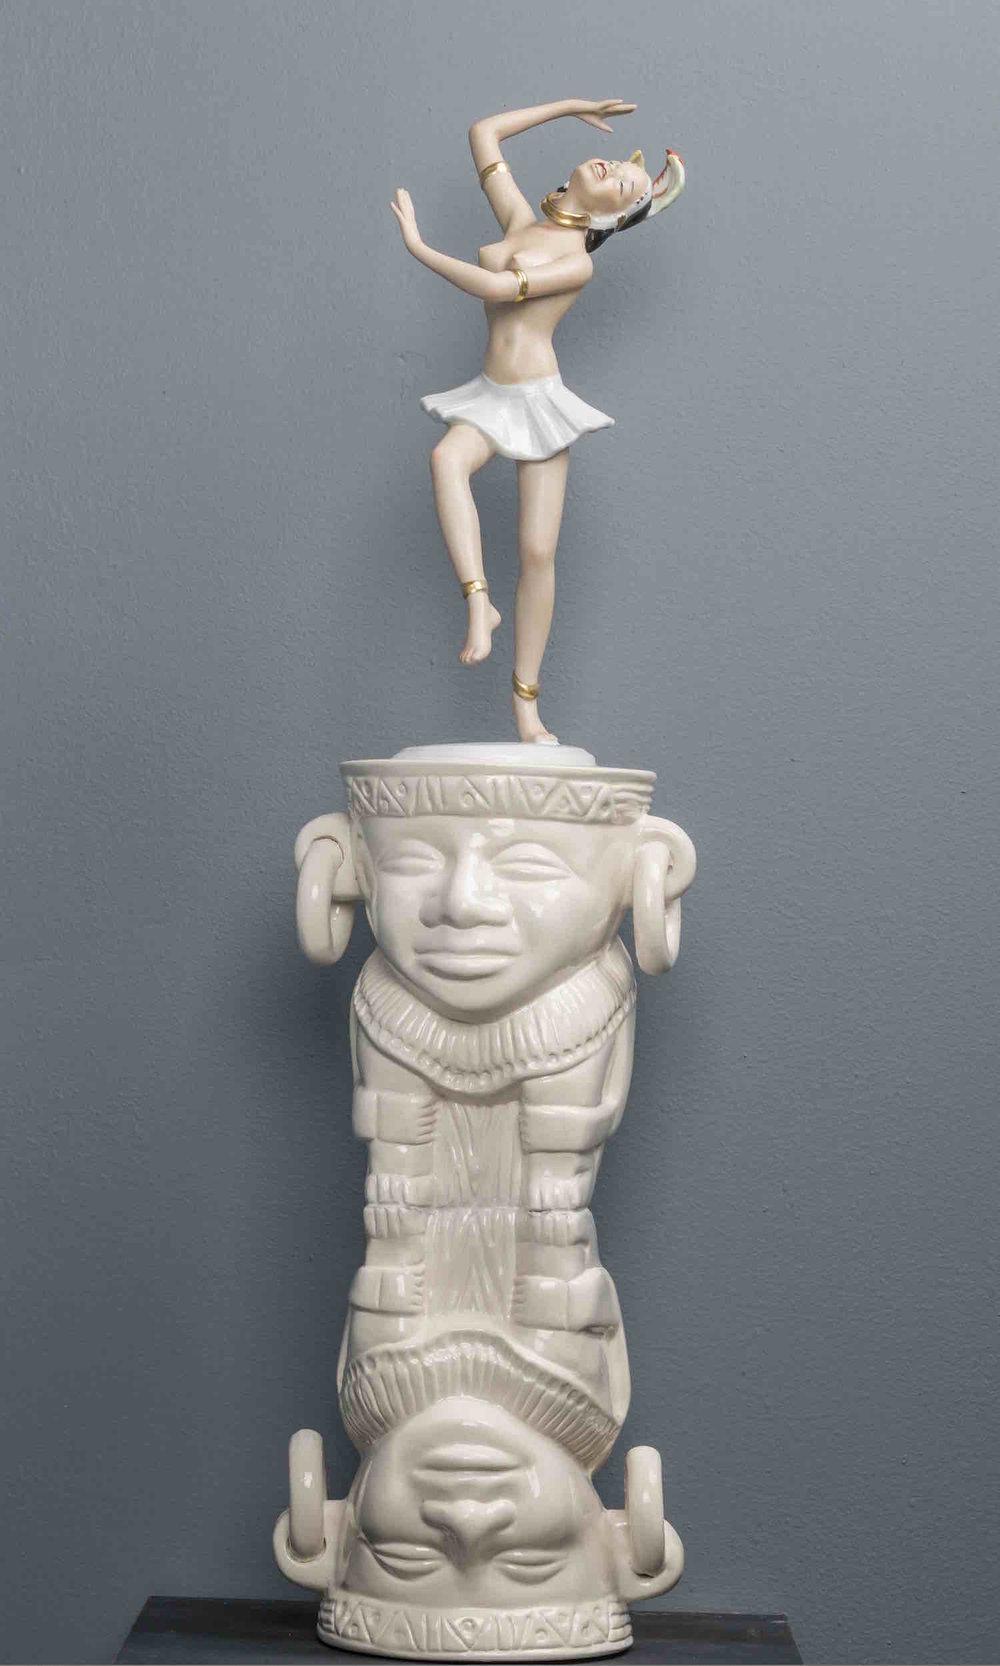 Tunjos y porcelanas   Cerámica y porcelana    67 x 25 cm. 2016